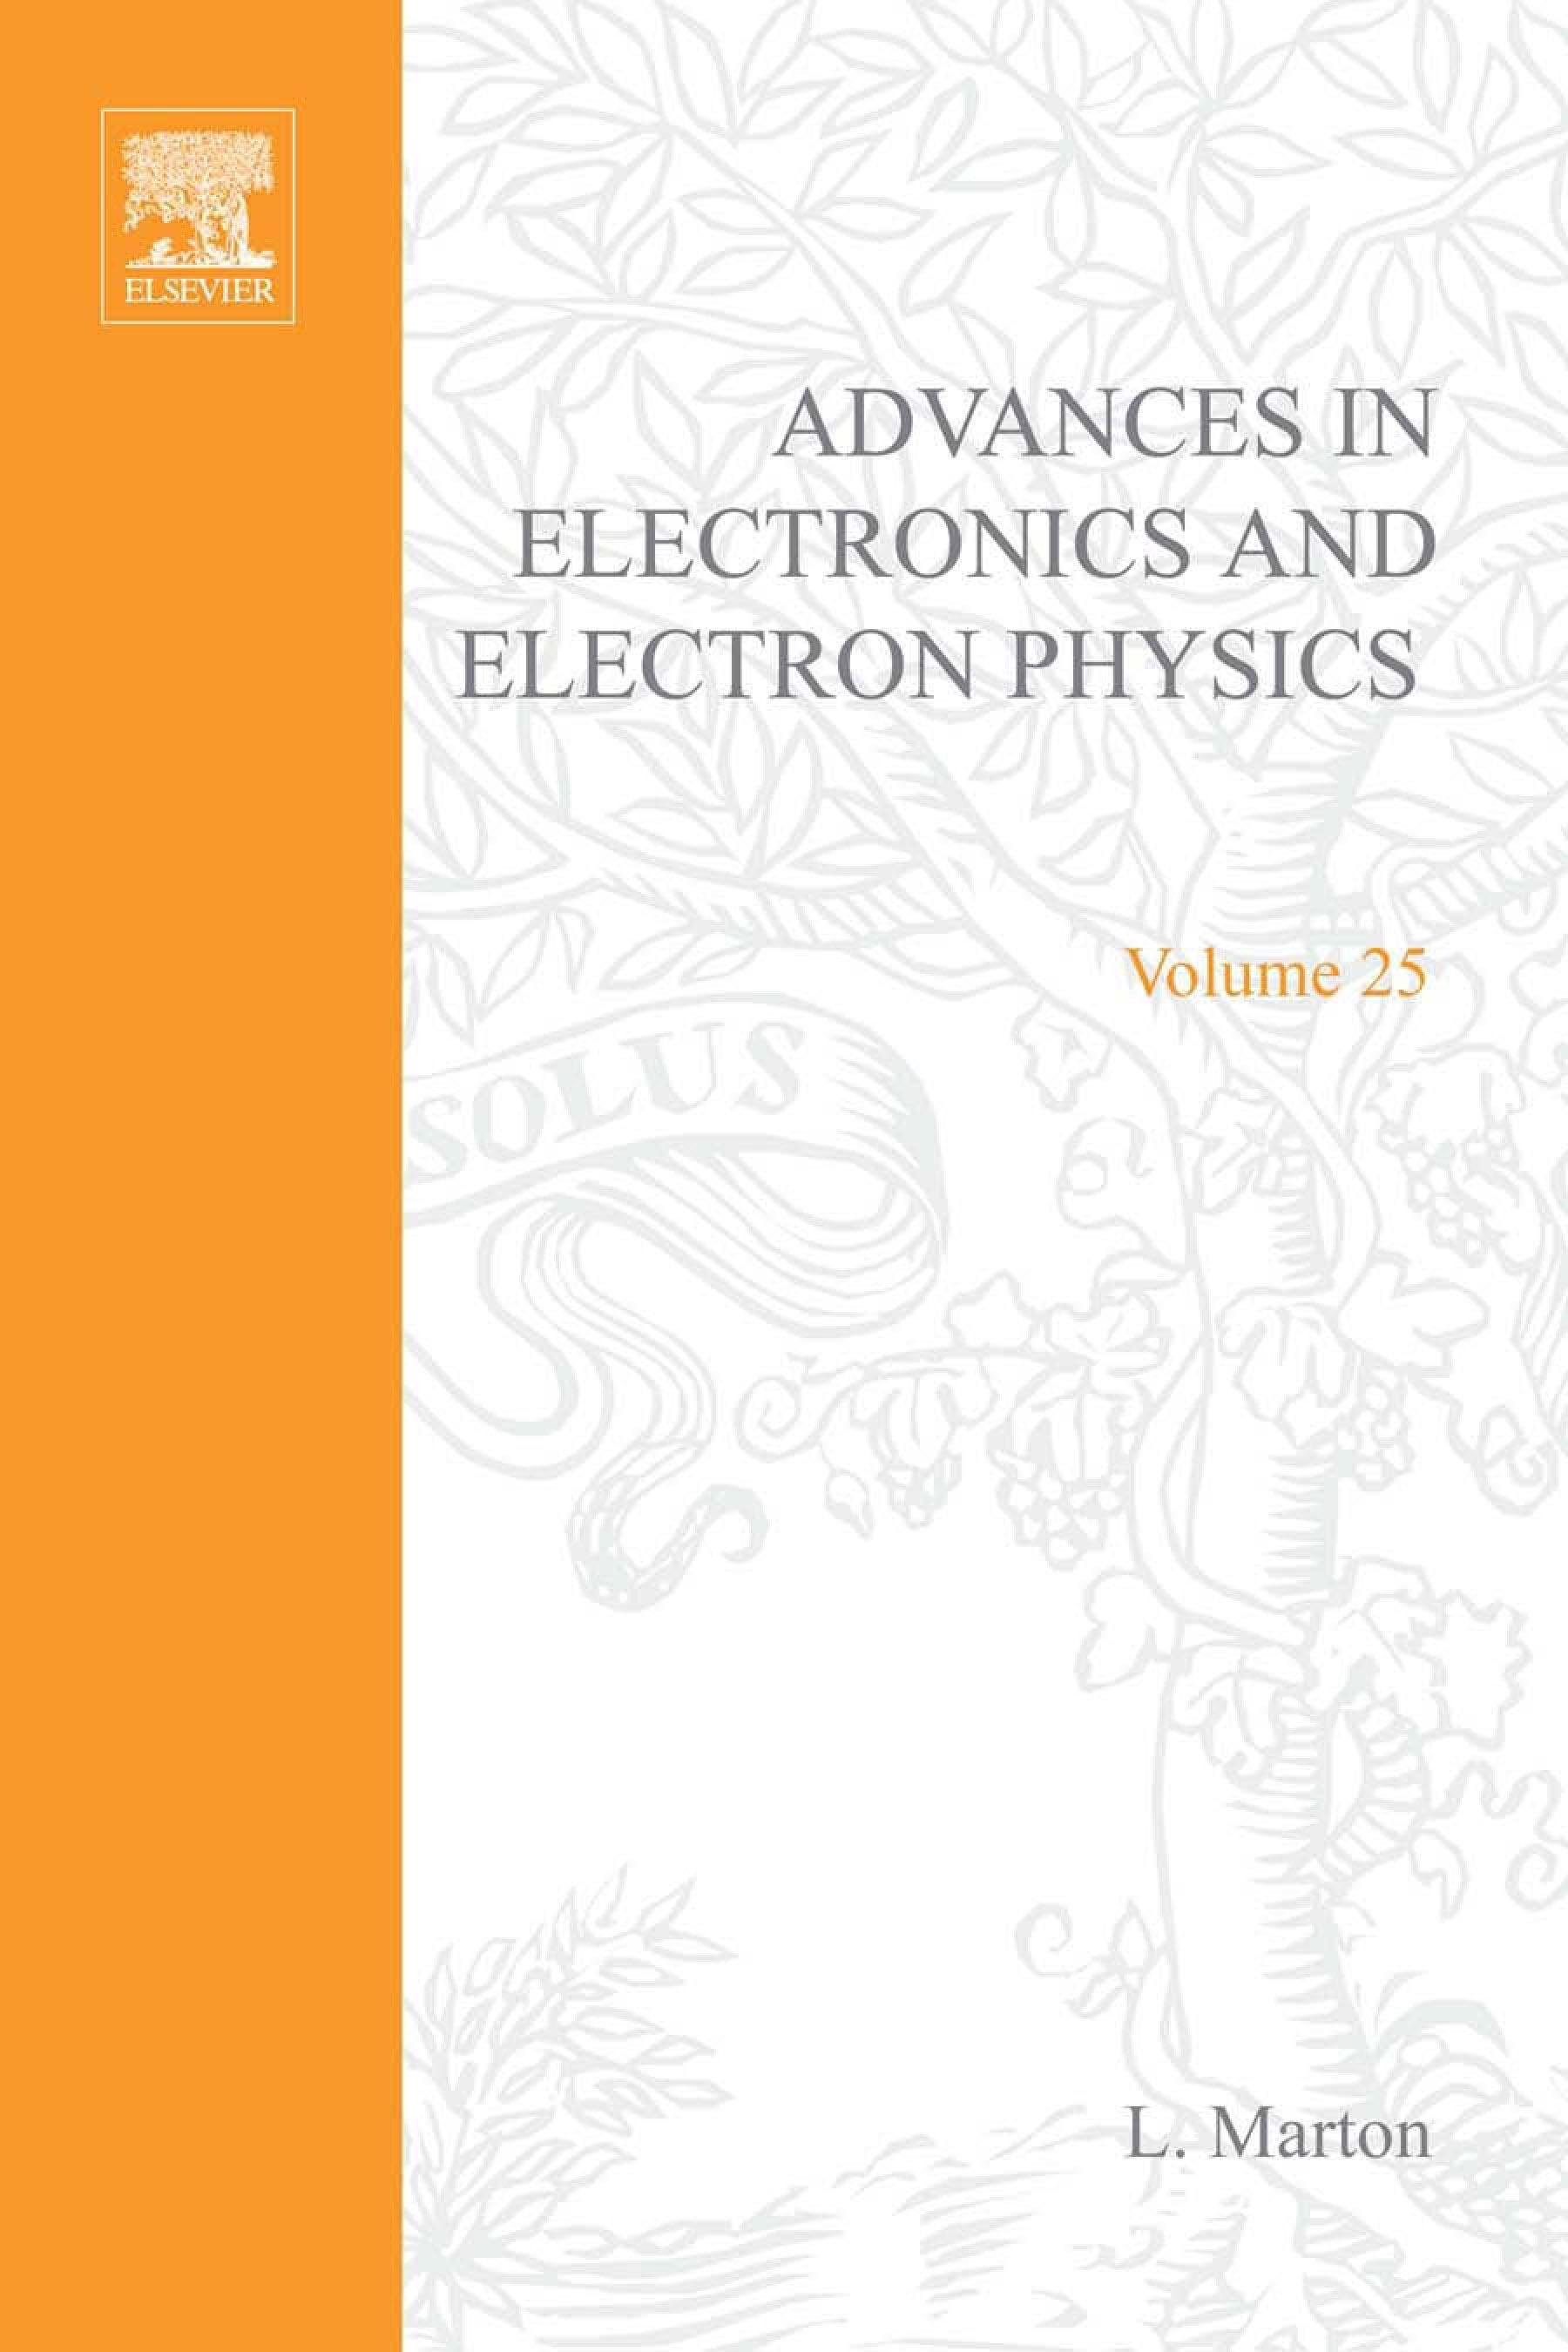 ADVANCES ELECTRONC &ELECTRON PHYSICS V25 EB9780080576879